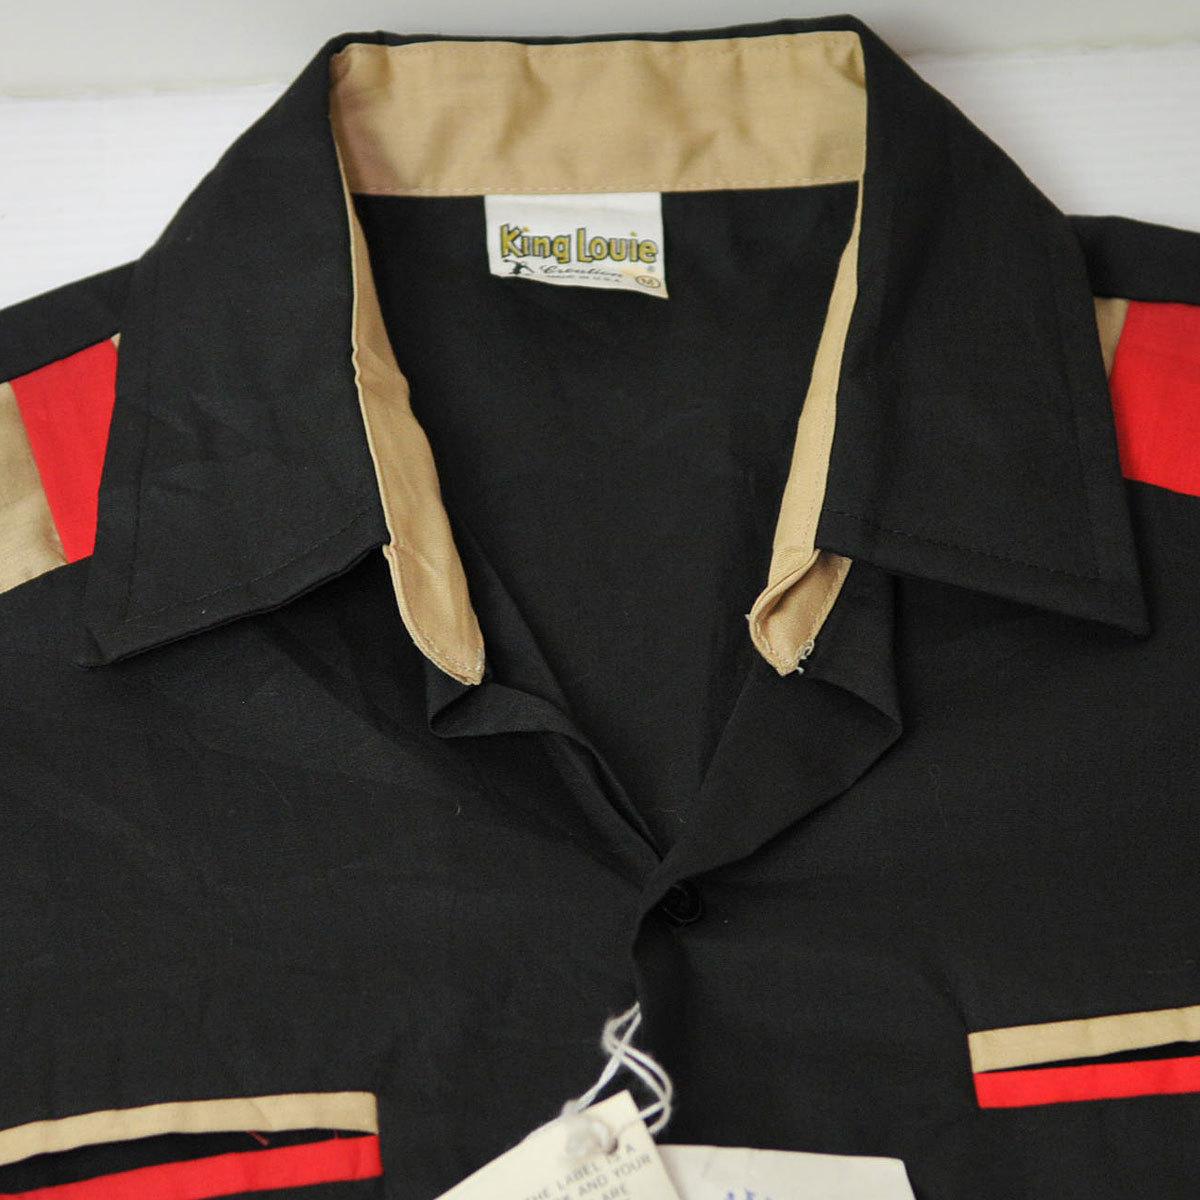 古着●キングルイ ボウリングシャツ ブラック コンビ M ビンテージタグ付き xwp_画像4